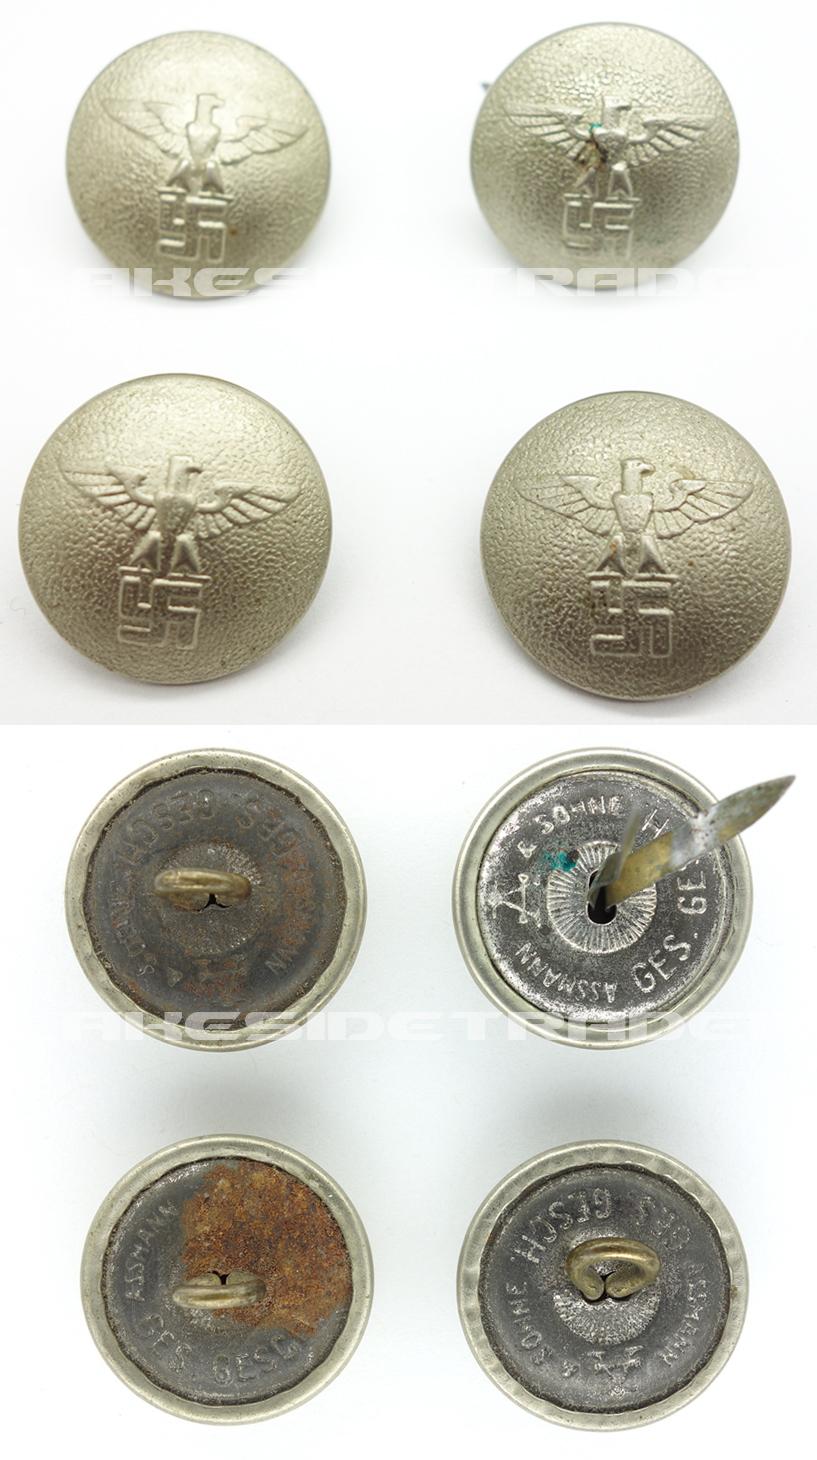 NSDAP Political Uniform Buttons by Assmann